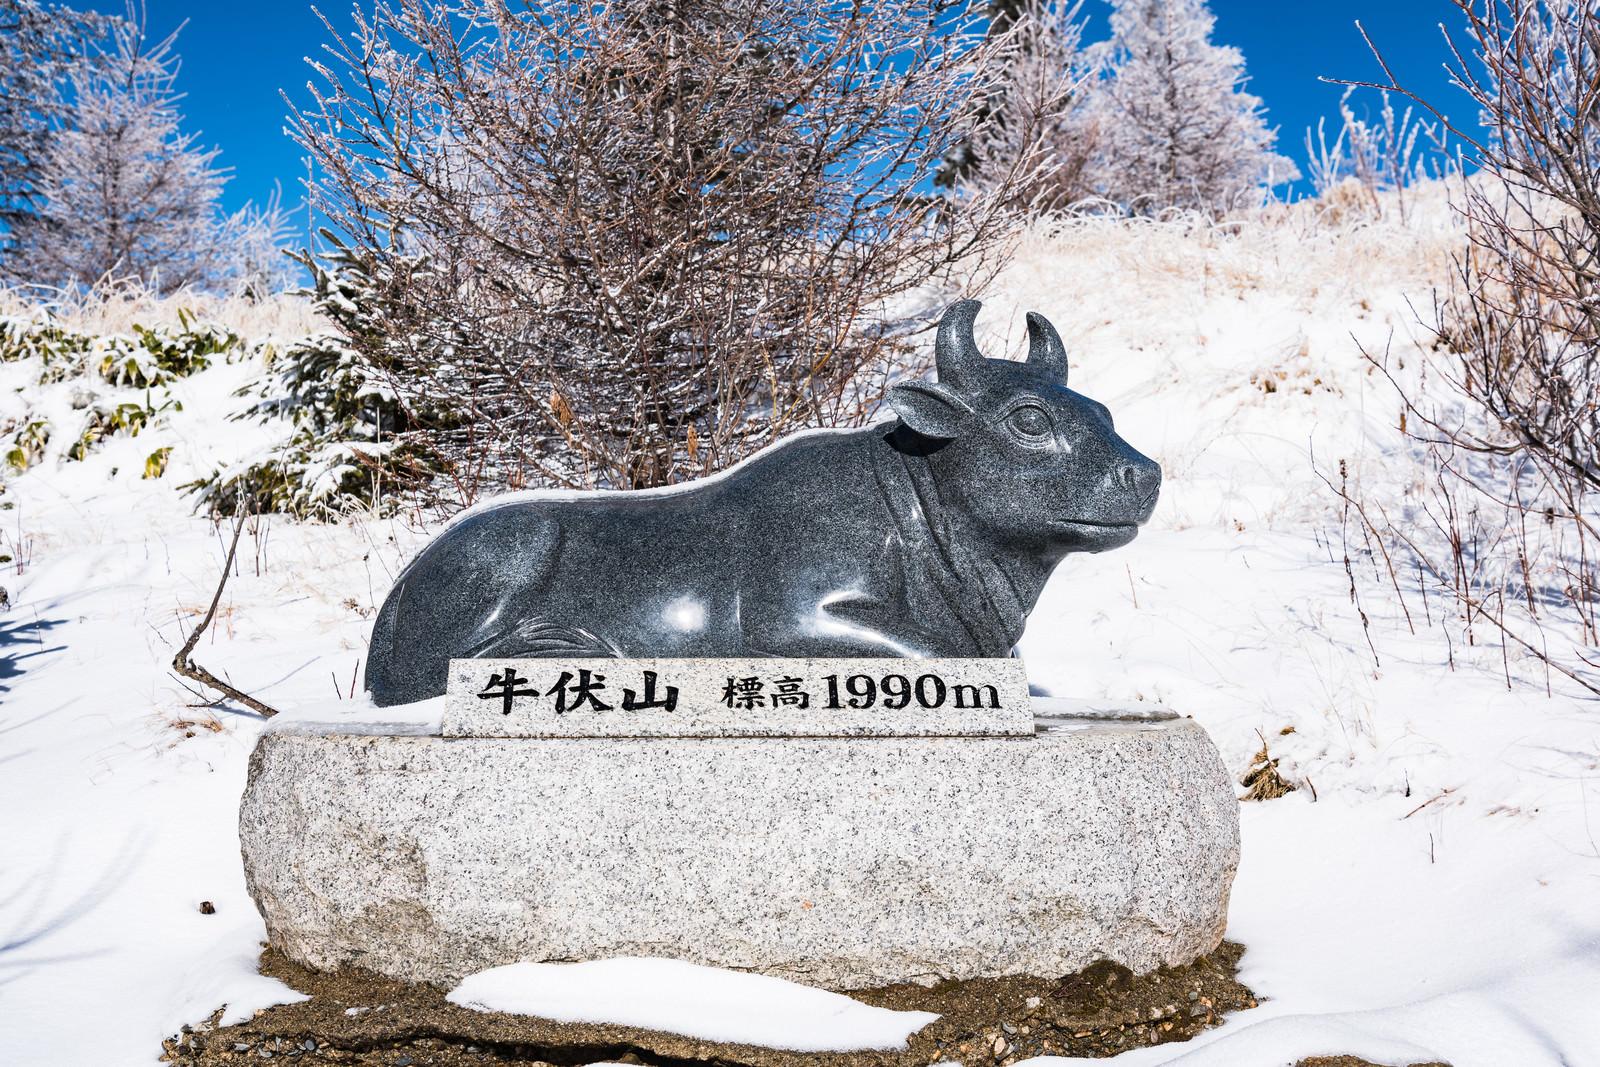 「牛伏山頂上付近にある牛像の案内(美ヶ原)」の写真